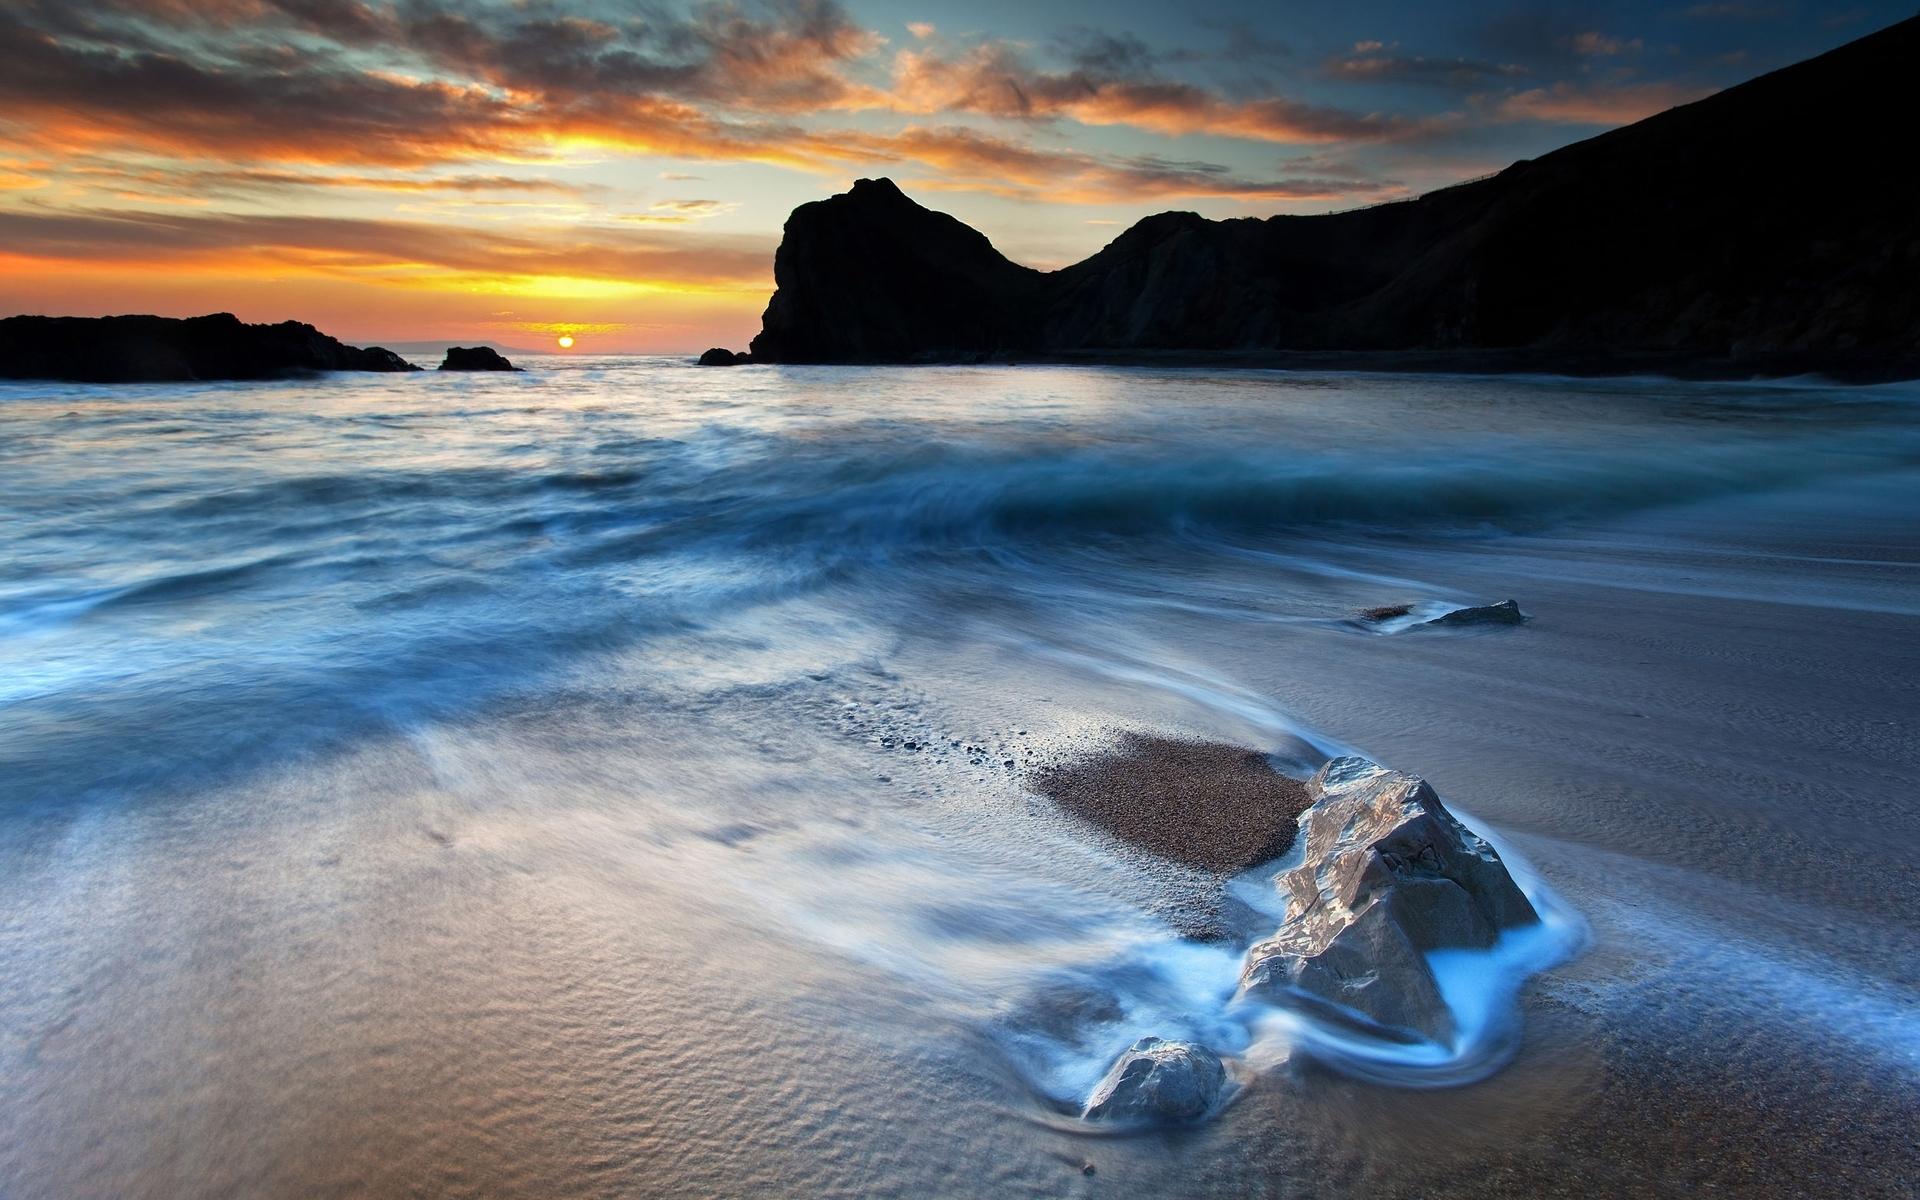 26546 скачать обои Пейзаж, Закат, Море, Волны, Пляж - заставки и картинки бесплатно